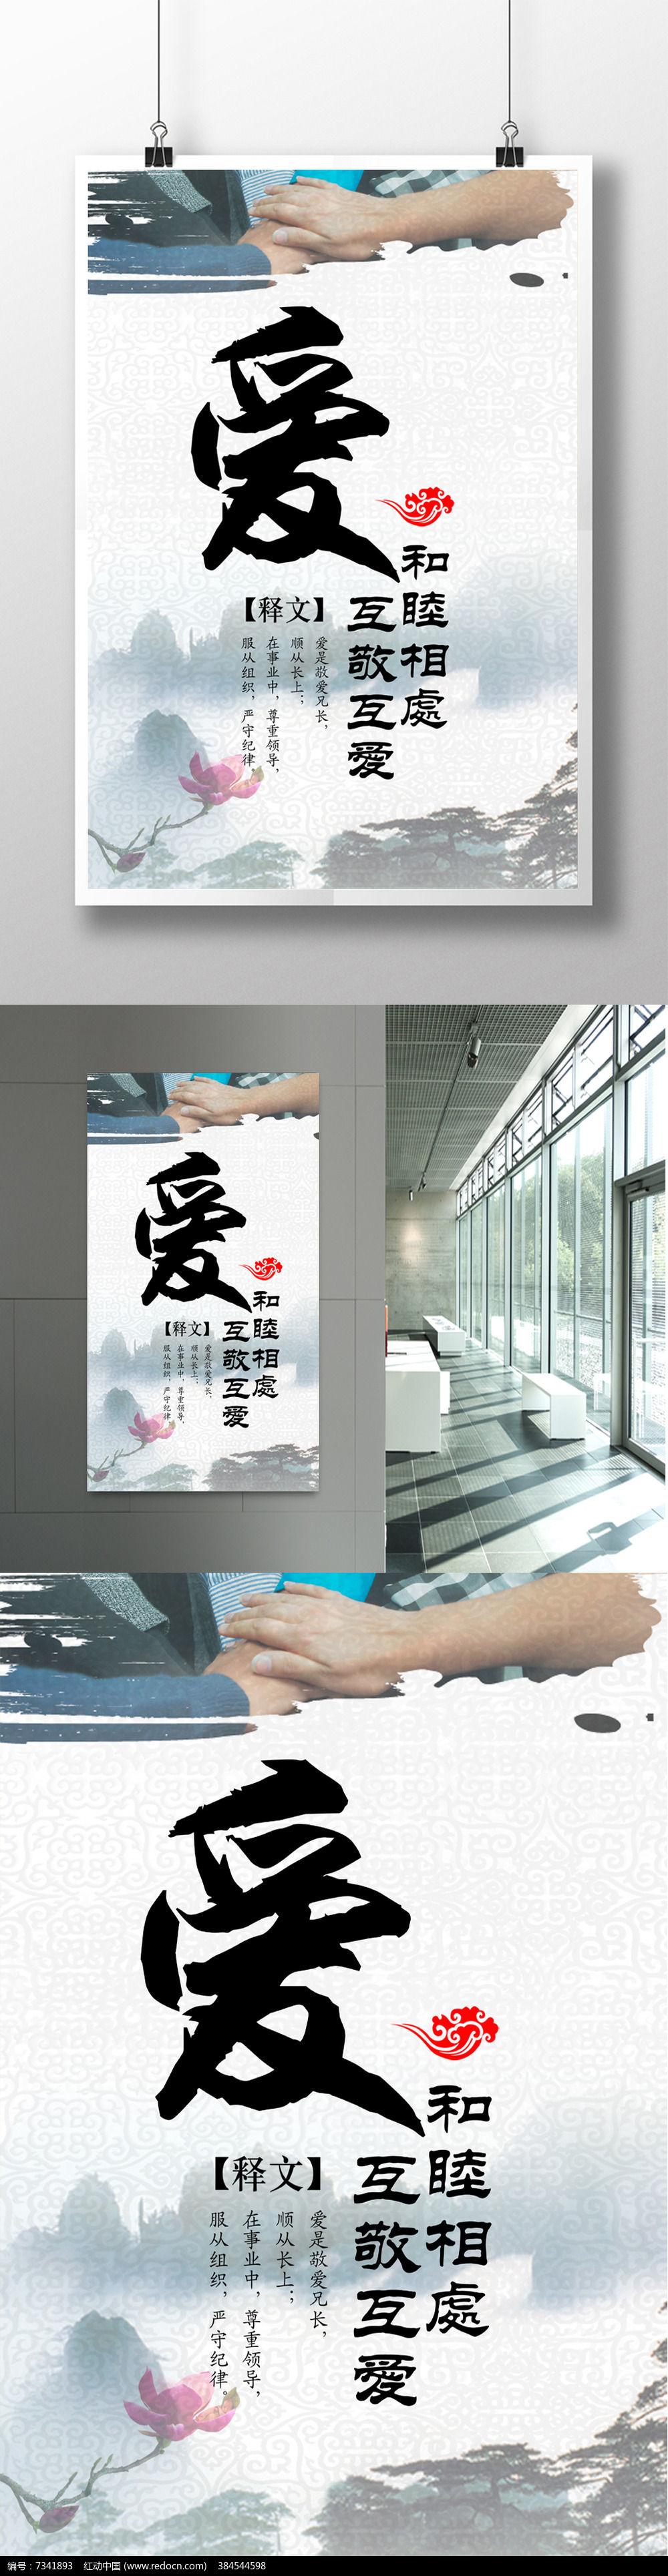 中国风学校企业知识文化宣传海报图片